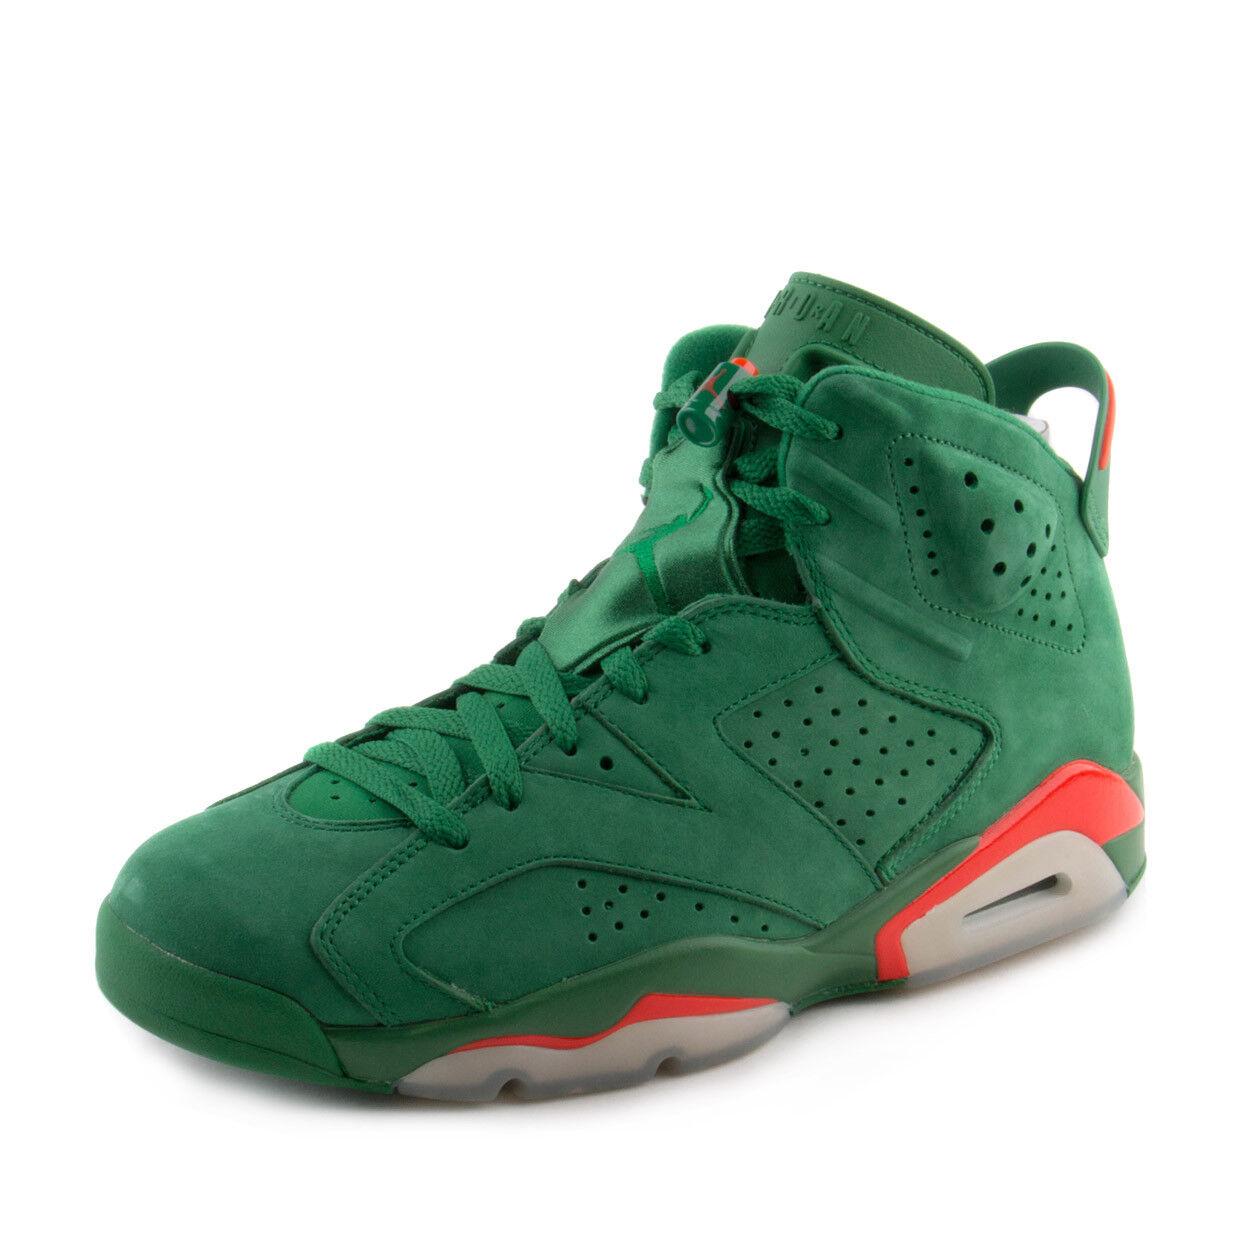 Nike Hommes Jordan vert 6 Retro